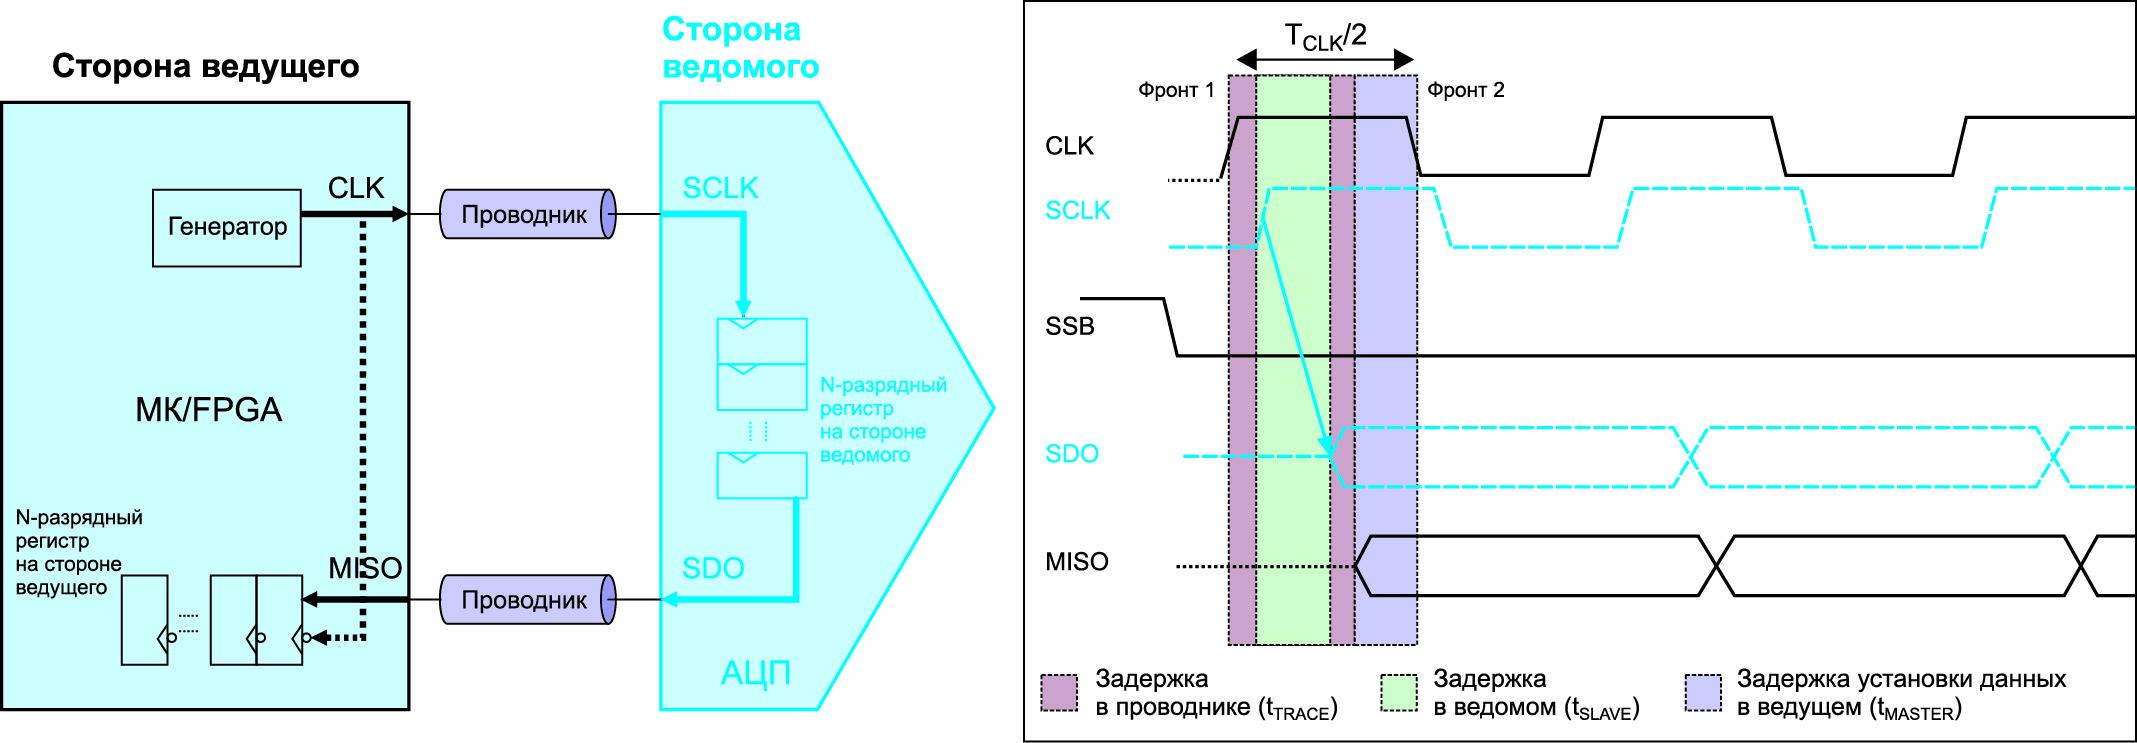 Блок-схема интерфейса SPI для передачи данных из АЦП в МК и временная диаграмма его работы